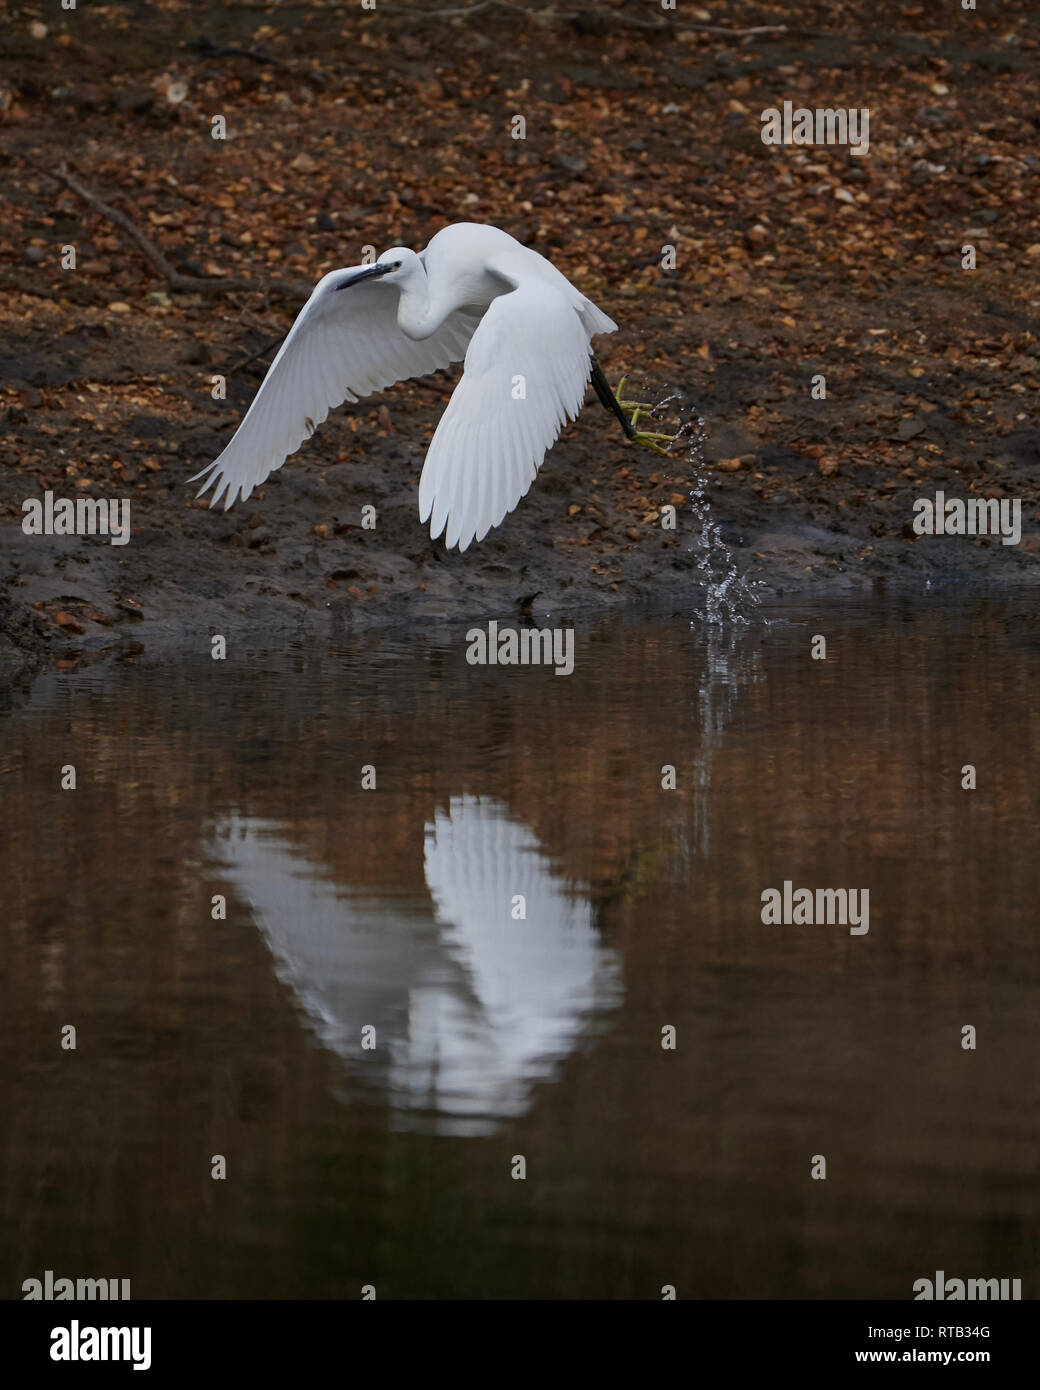 Il paziente Garzetta, in volo e specchio riflessa durante la pesca estuario. Un simbolo di forza e purezza. Immagini Stock